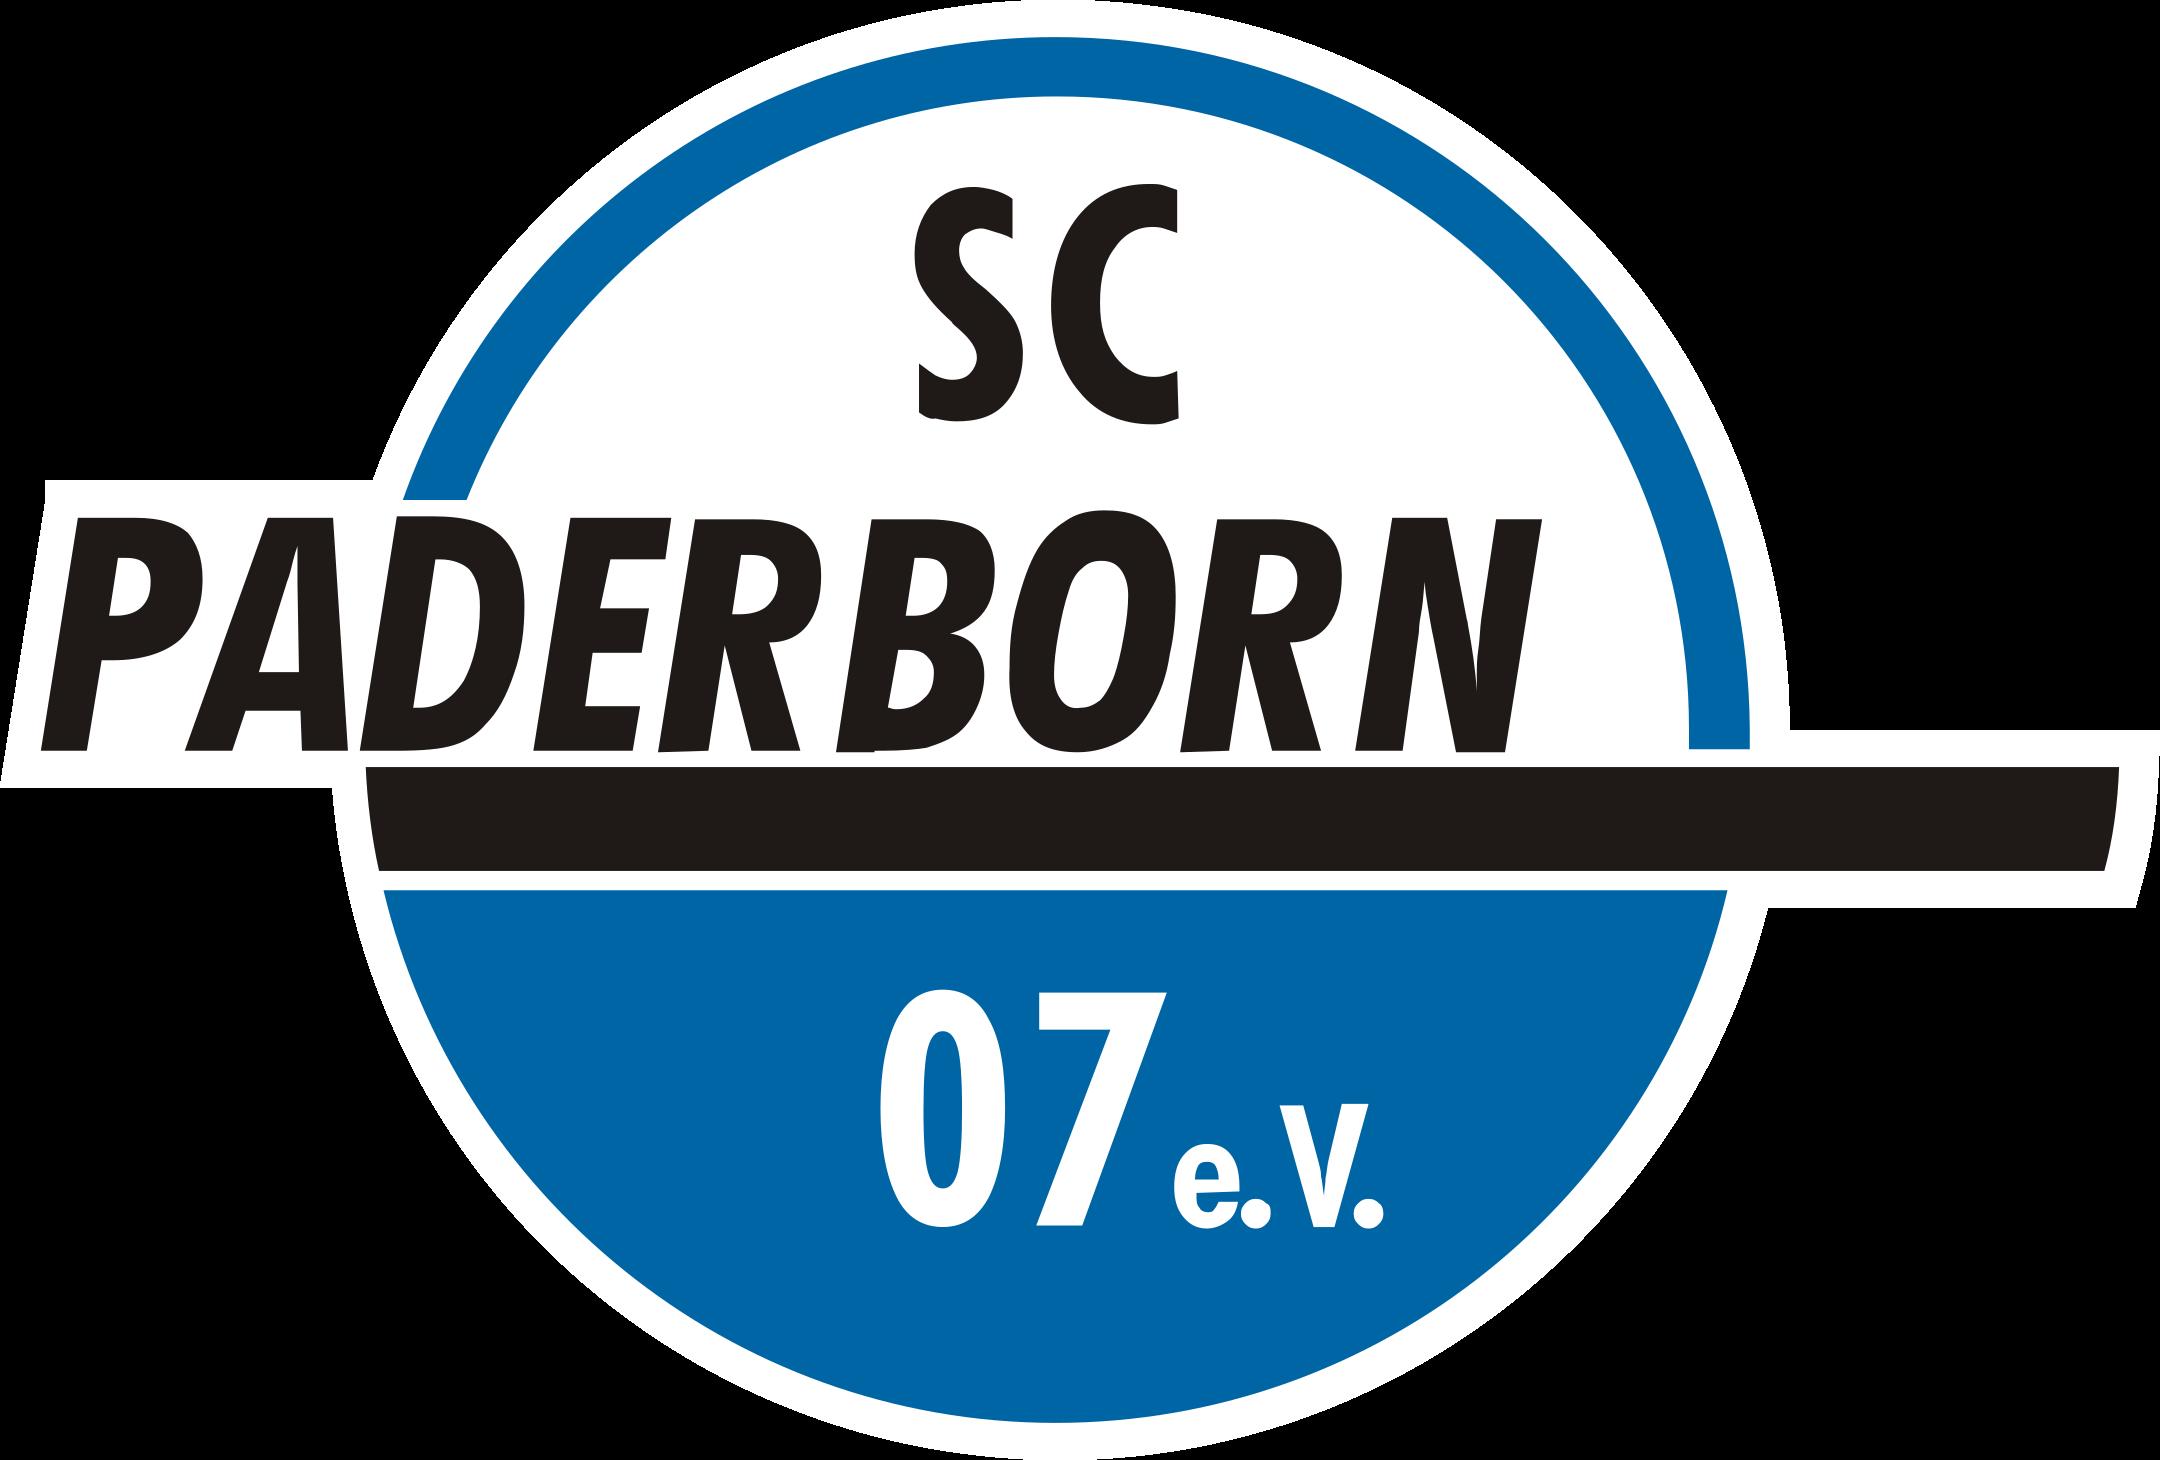 paderborn logo 1 - SC Paderborn 07 Logo